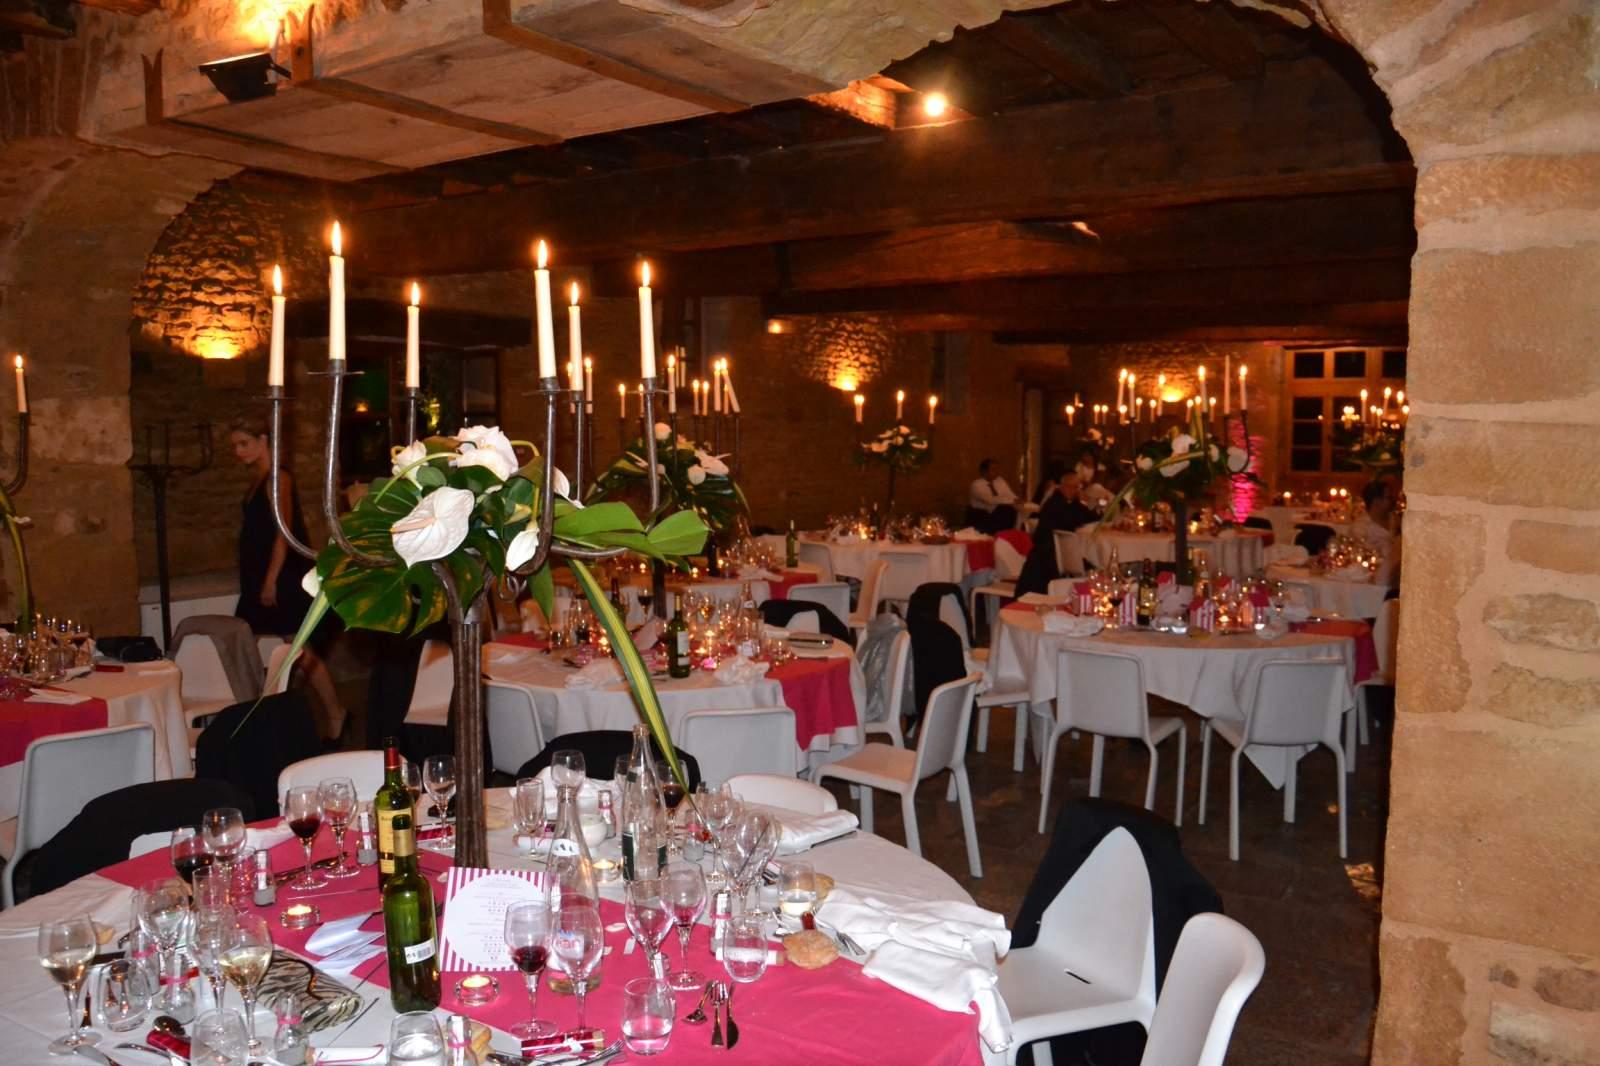 Location de chandelier pour mariage Lyon - Vente de fleurs et ...